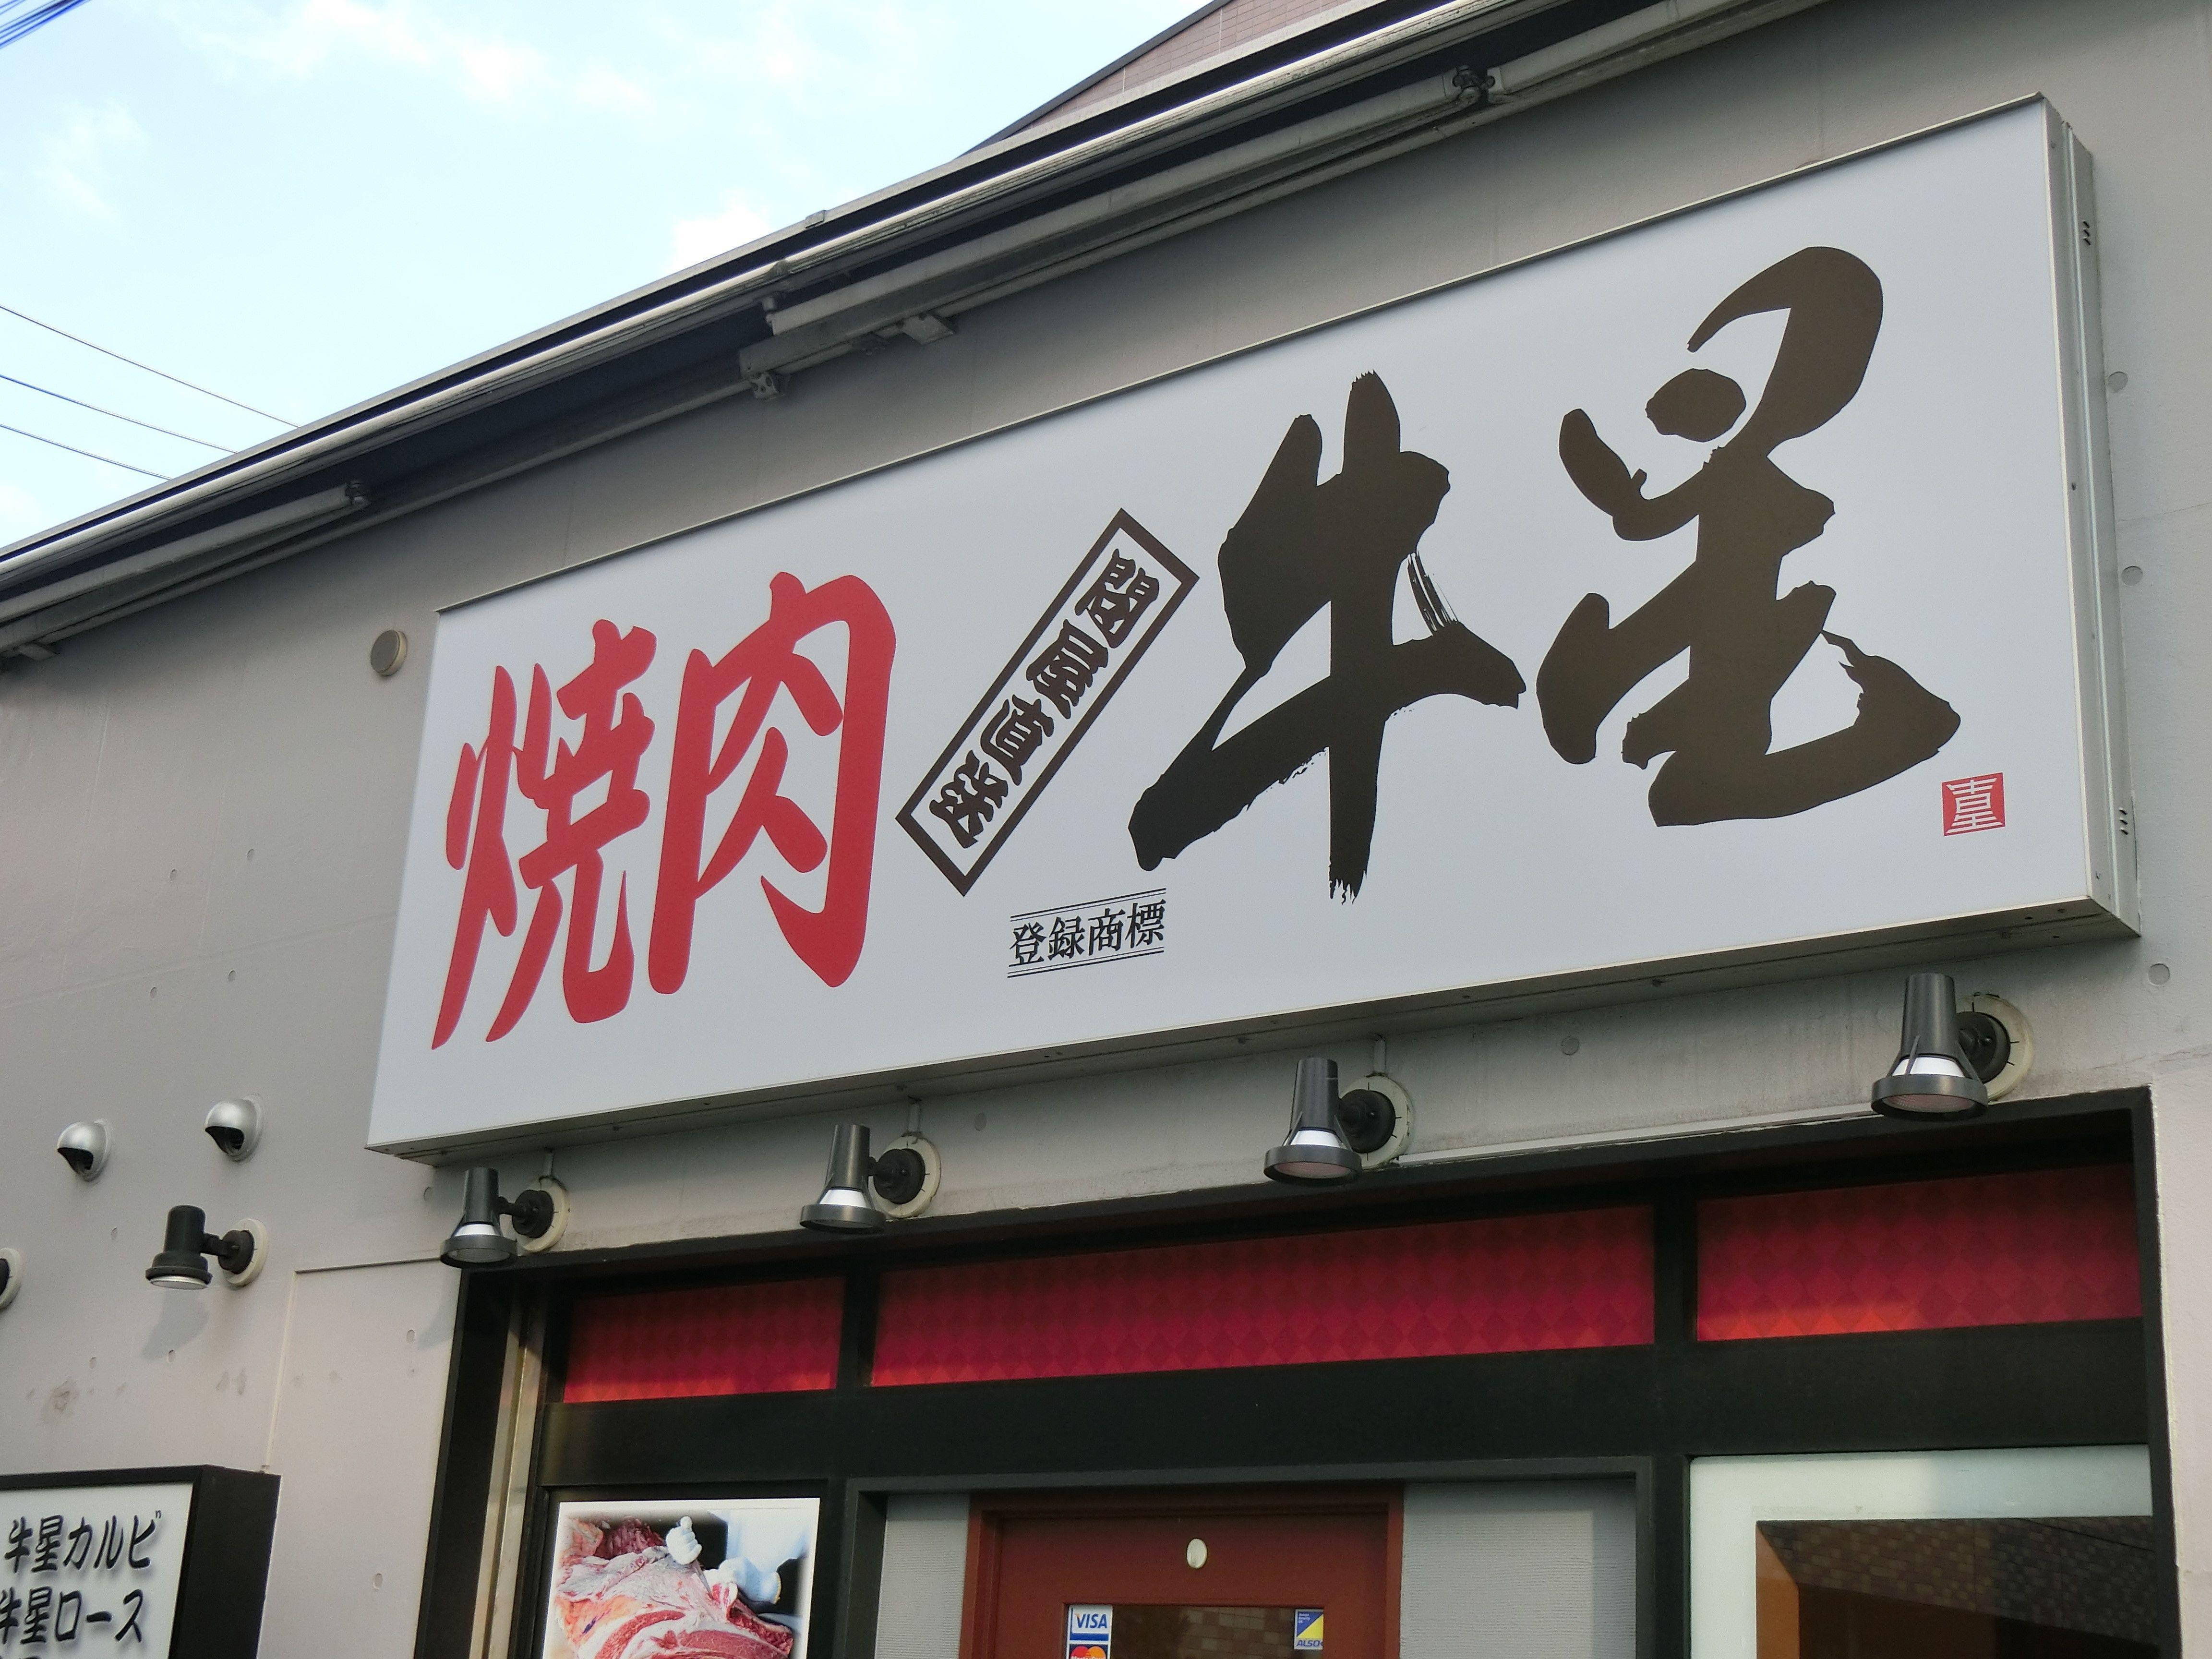 チムニー・海帆・あみやき亭が買収断行 「焼肉店」のM&A再燃?